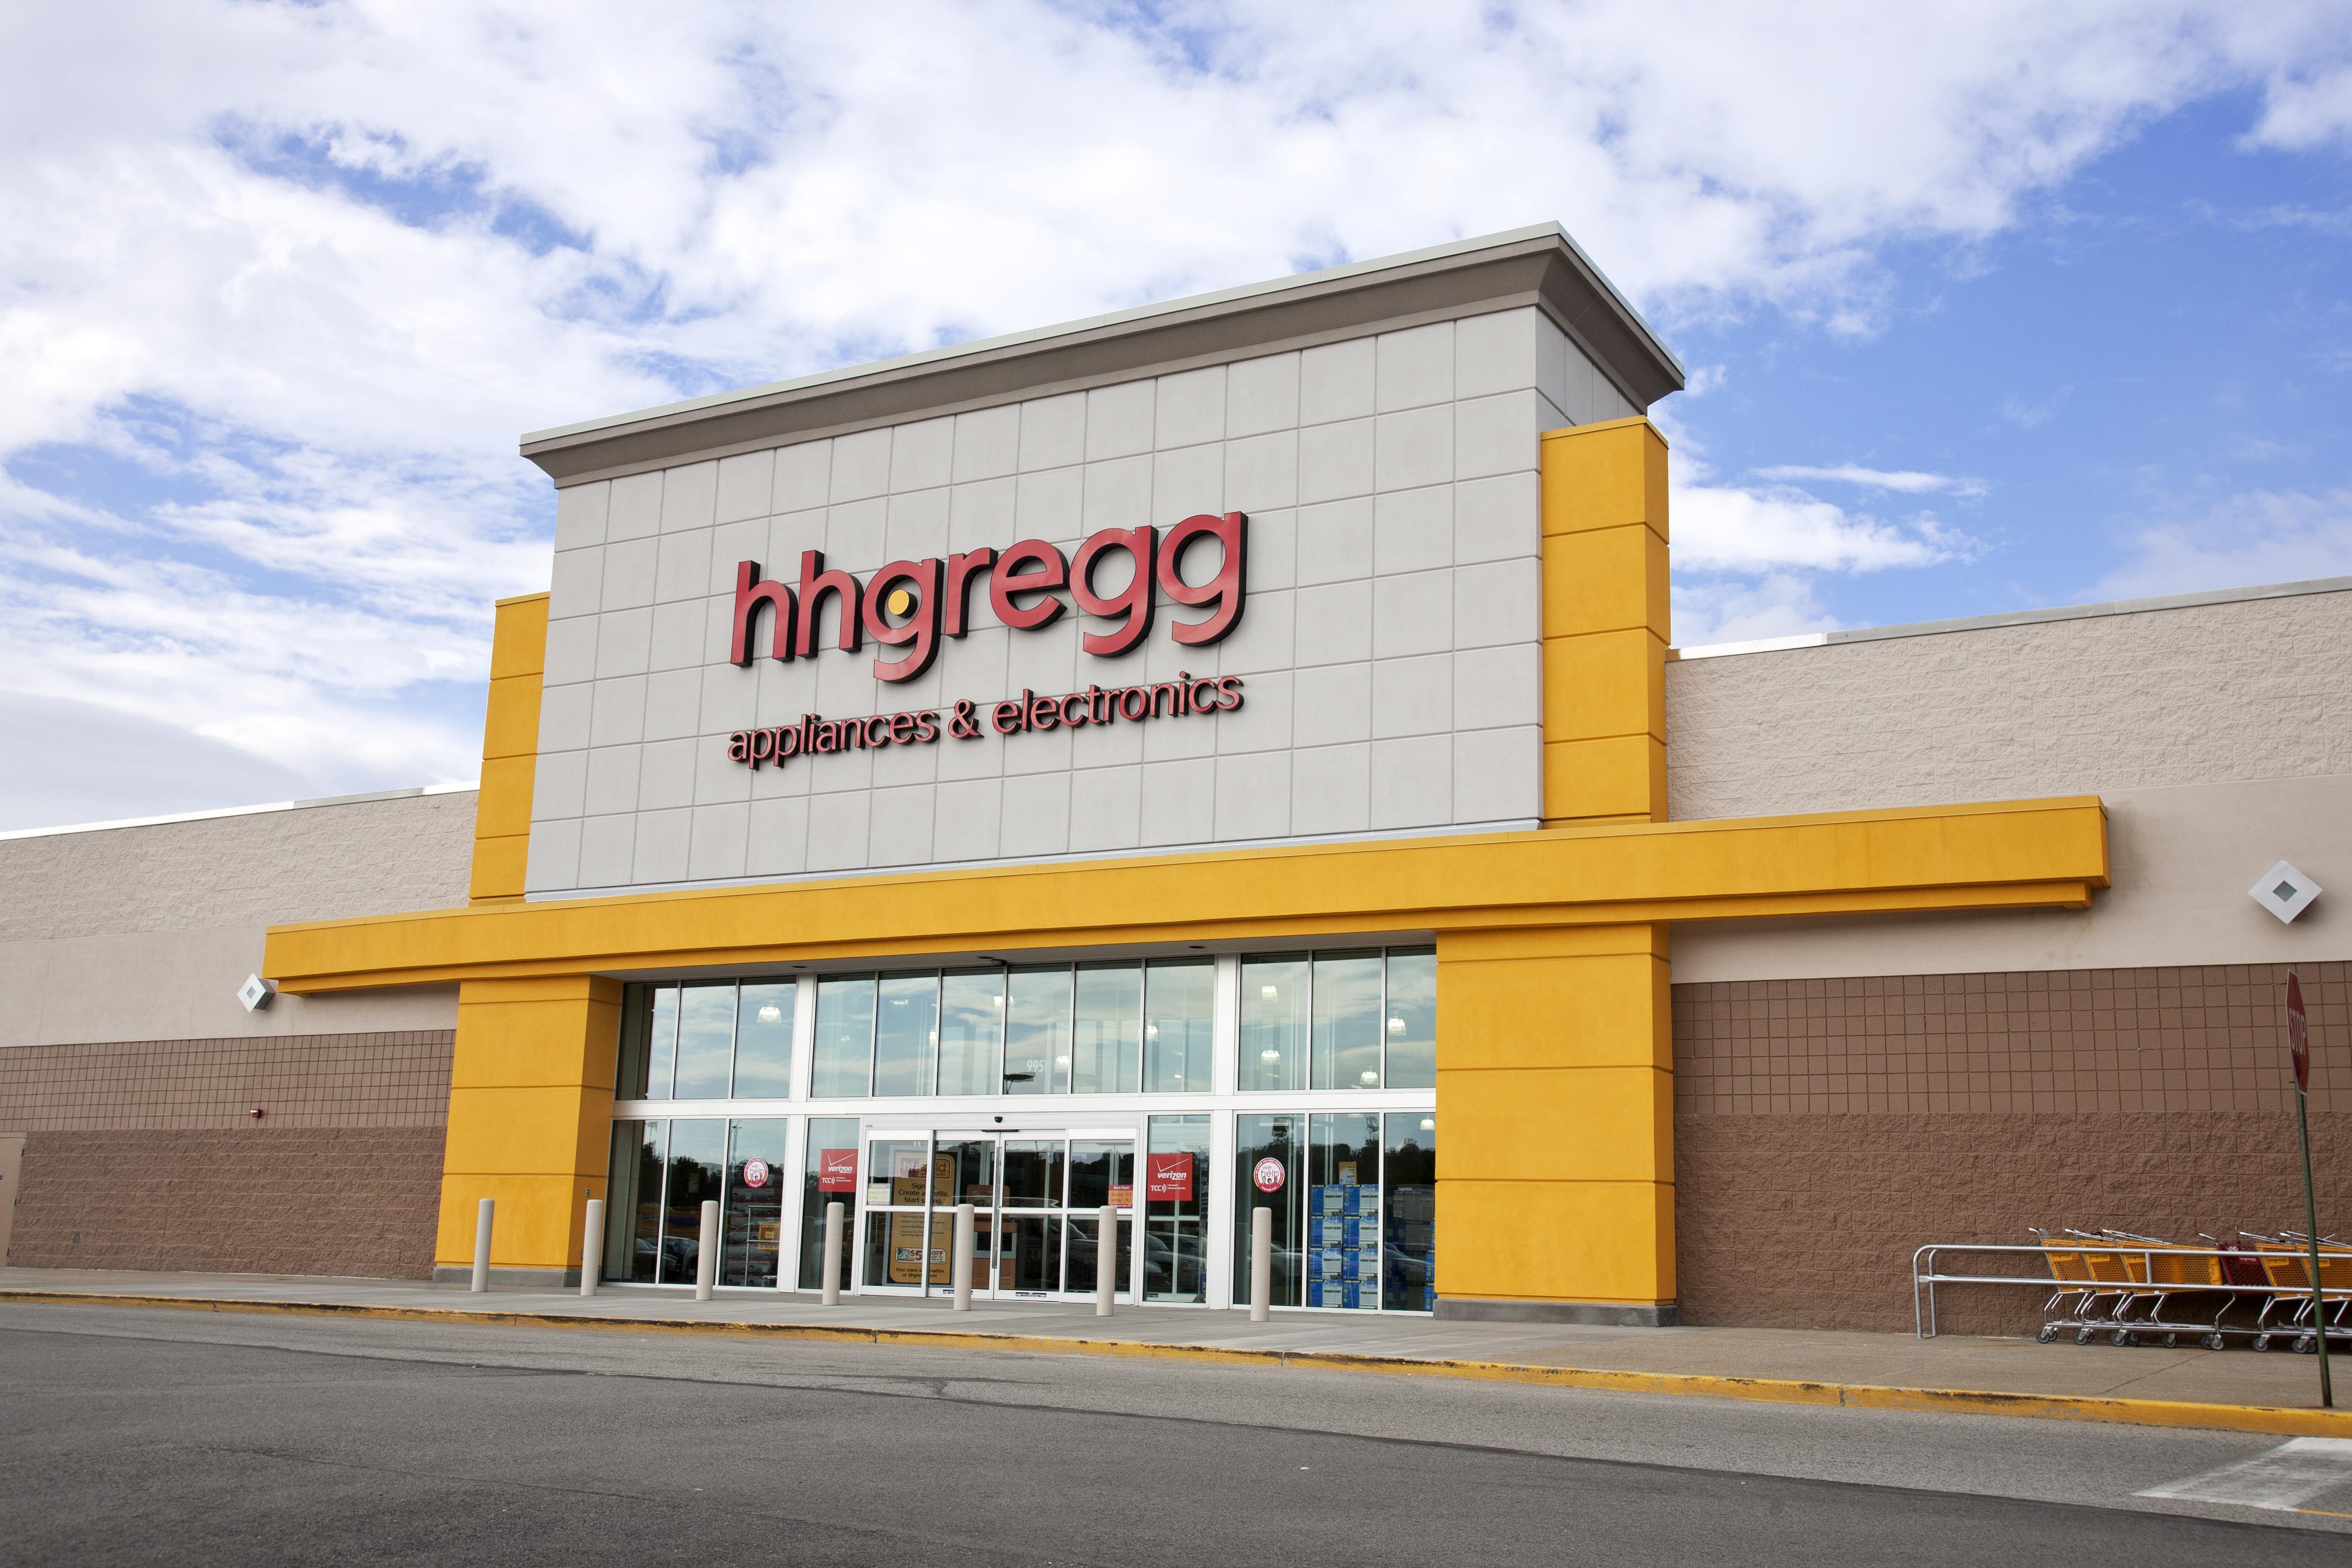 An exterior shot of an hhgregg store.